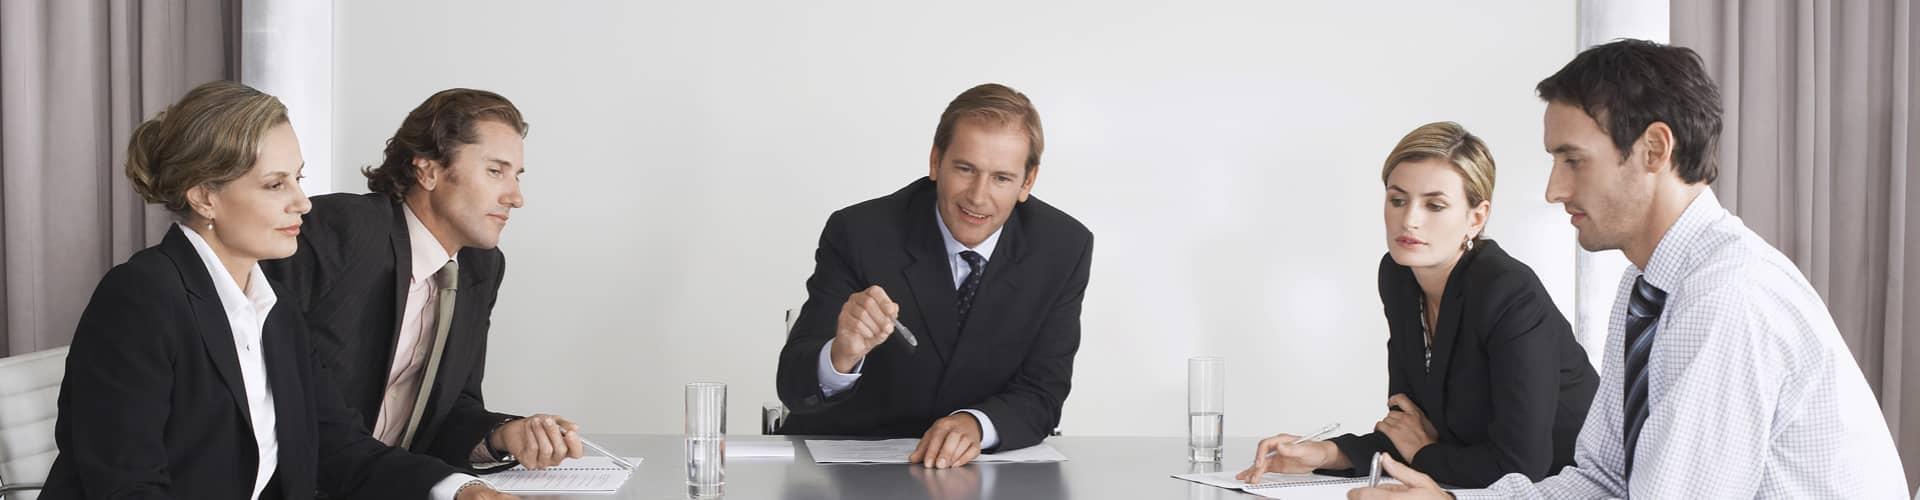 Faire appel à un manager de transition pour le bon fonctionnement de l'entreprise